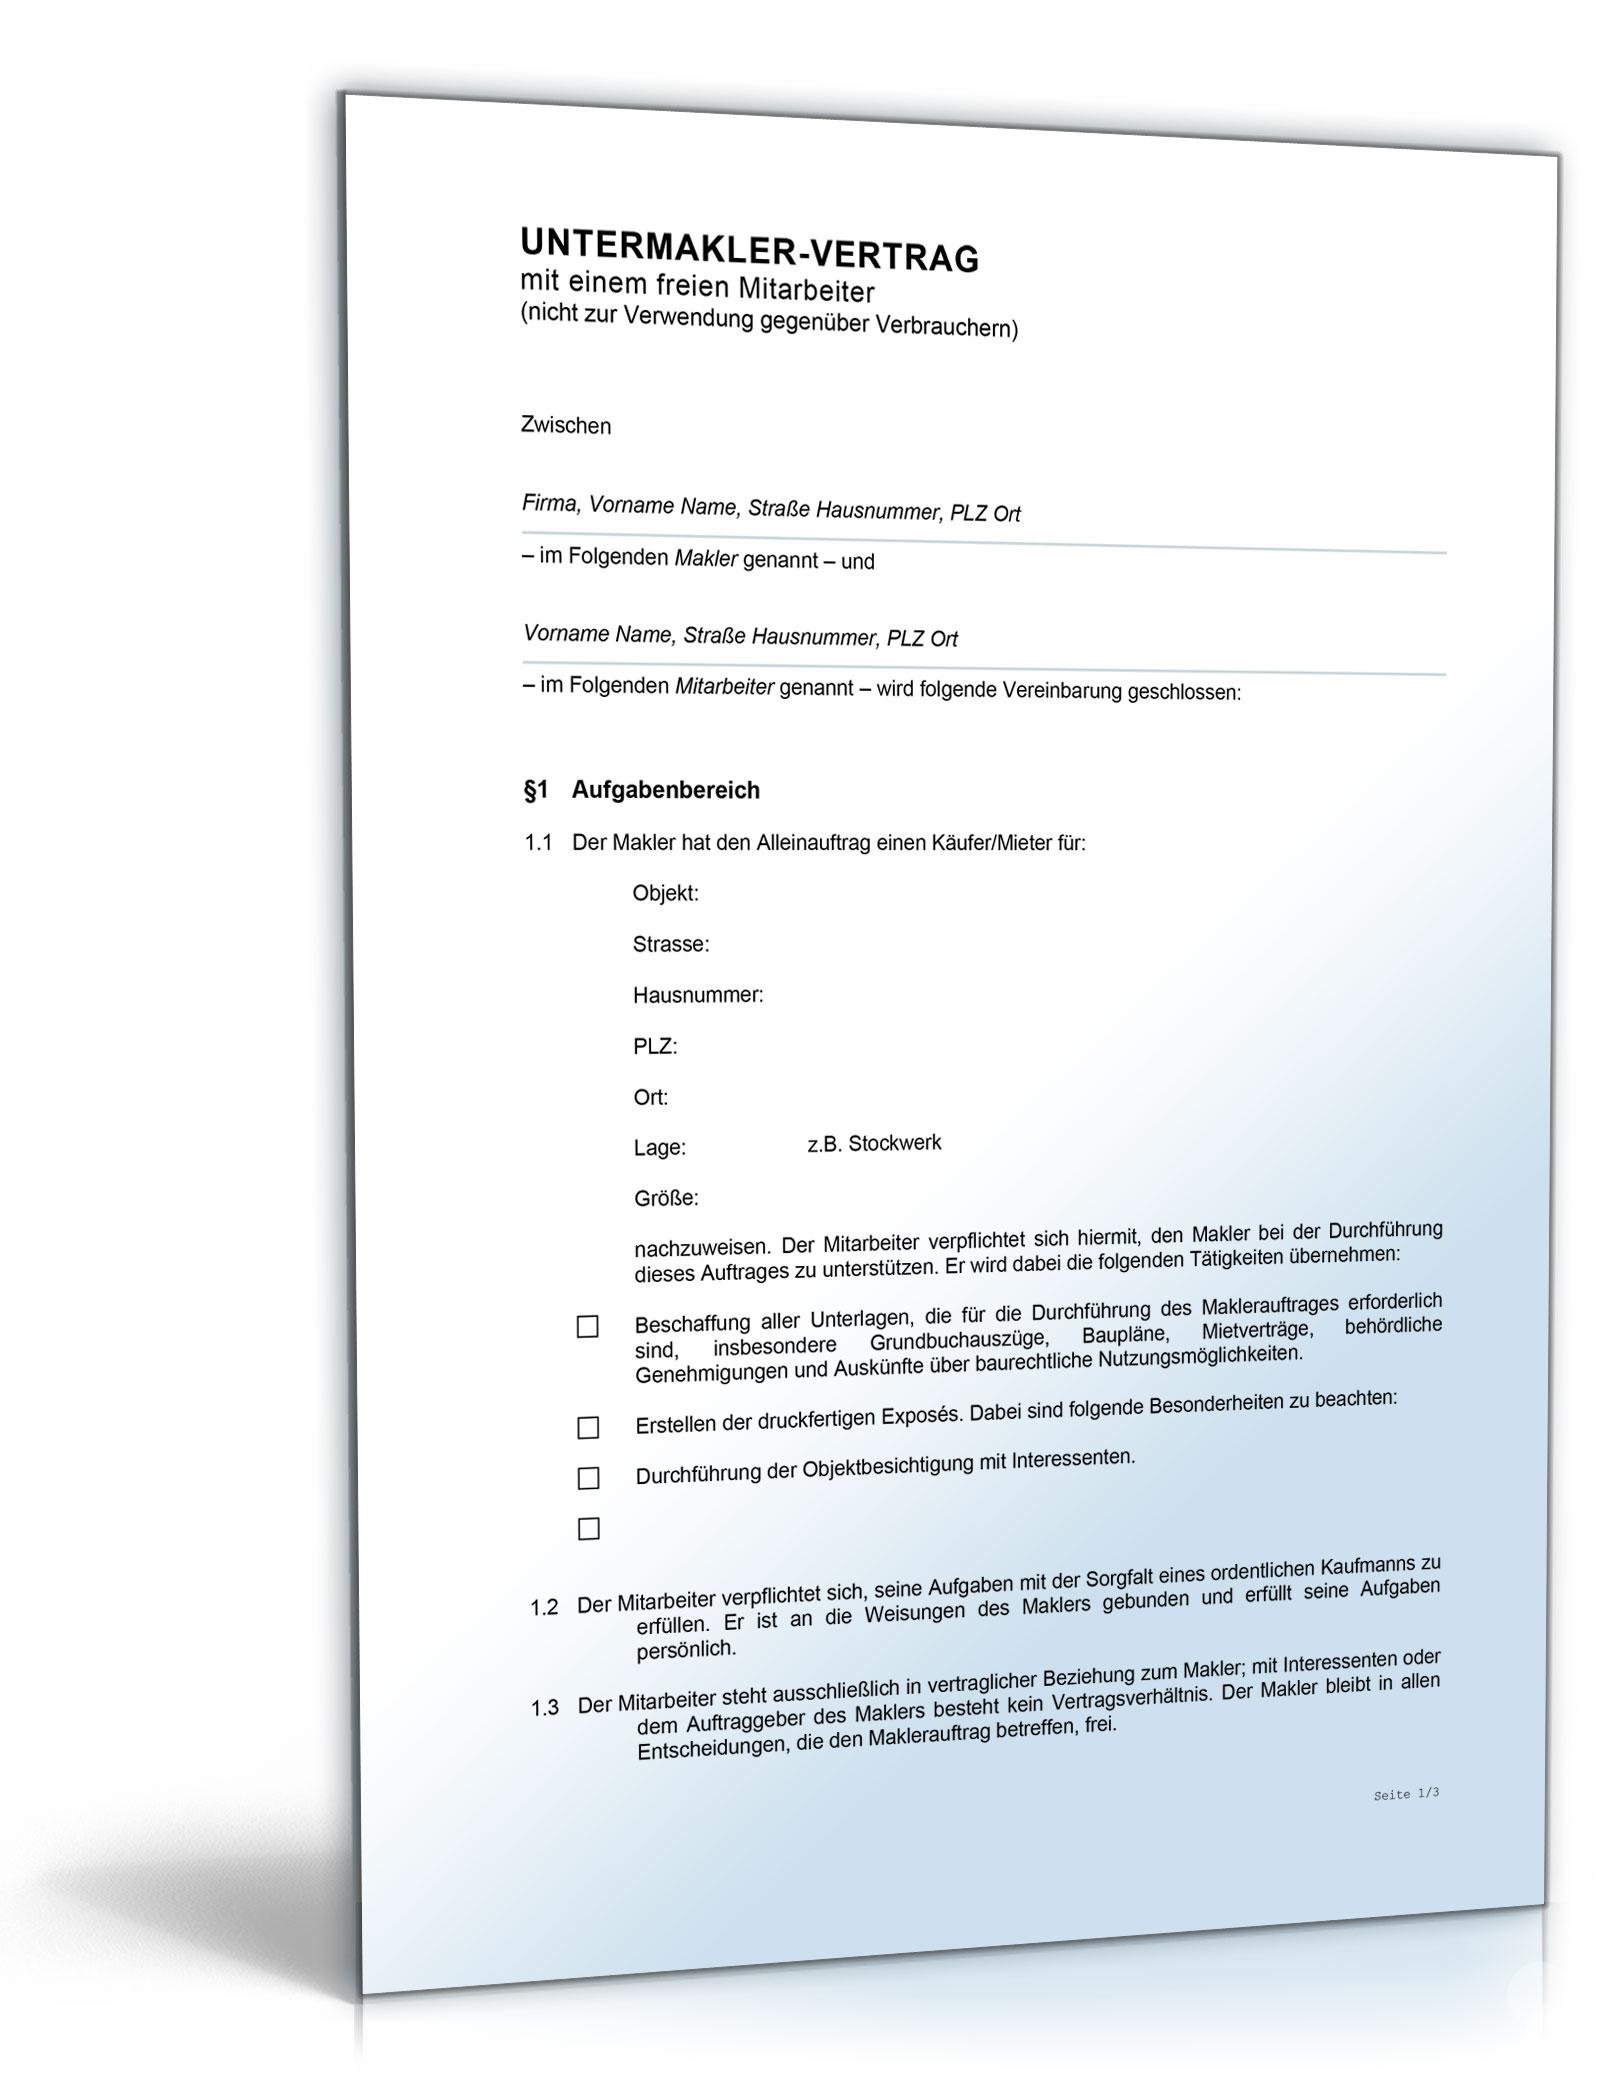 Vertrag Untermakler [Word Dokument]: Amazon.de: Software